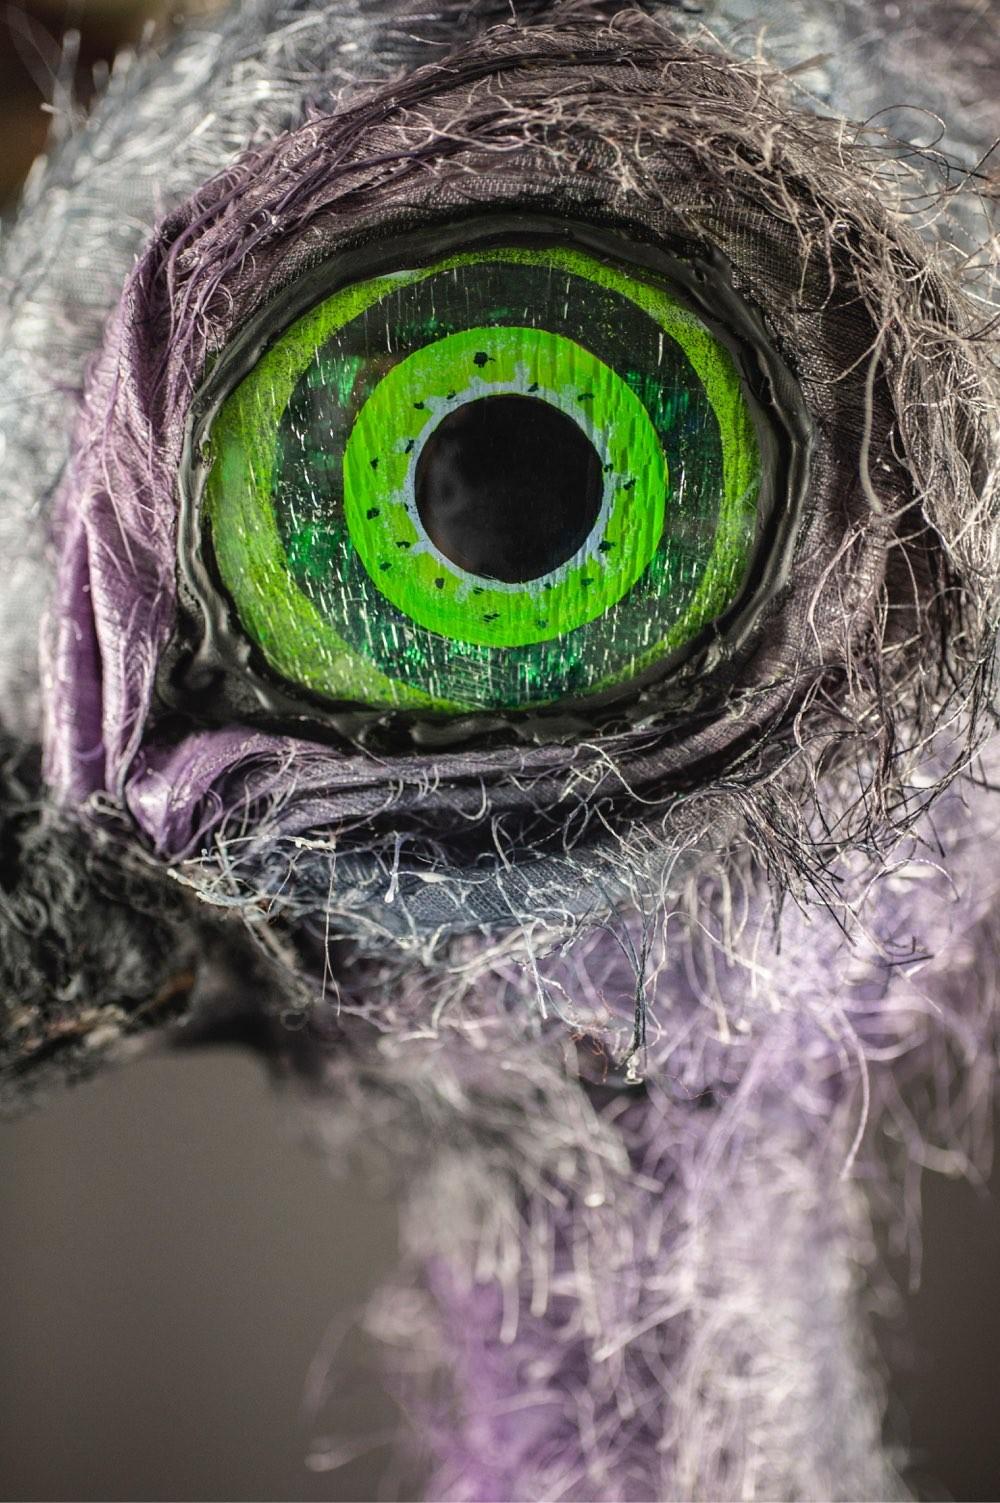 Et nærbilde av strutsen Claudia's grønne og sorte øyne.